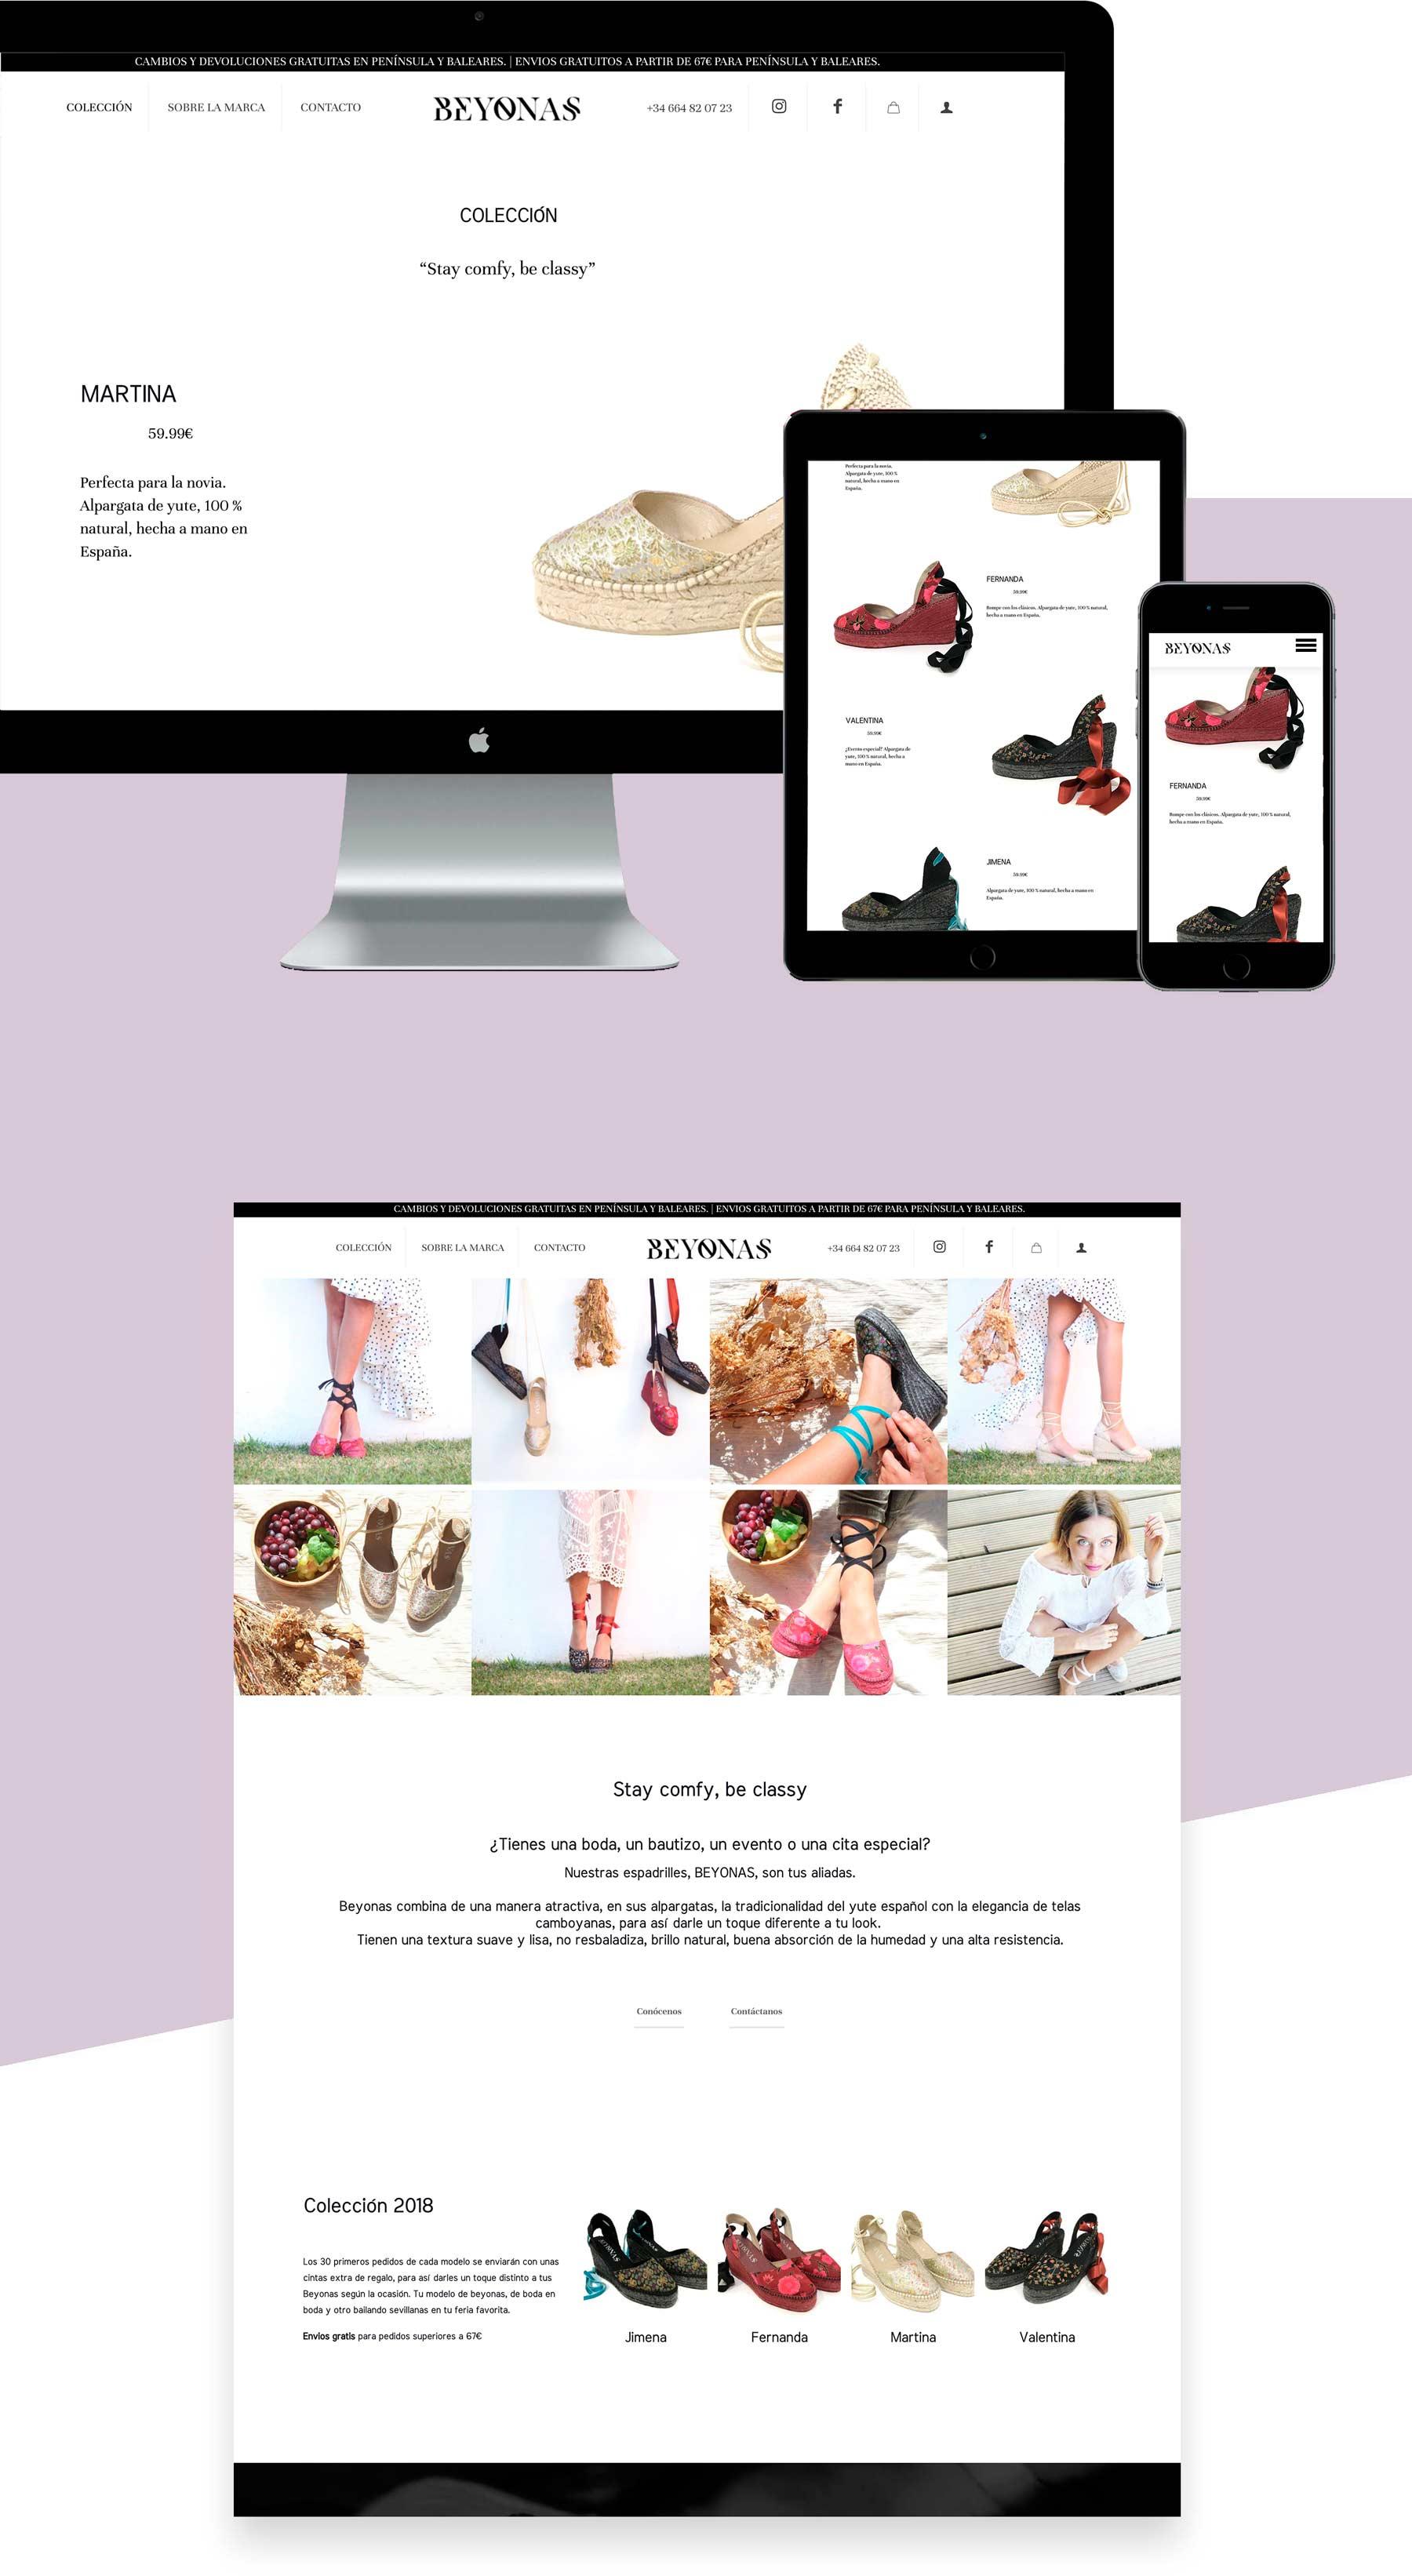 diseño web de tienda online de moda ( ropa, espadrilles, alpargatas)